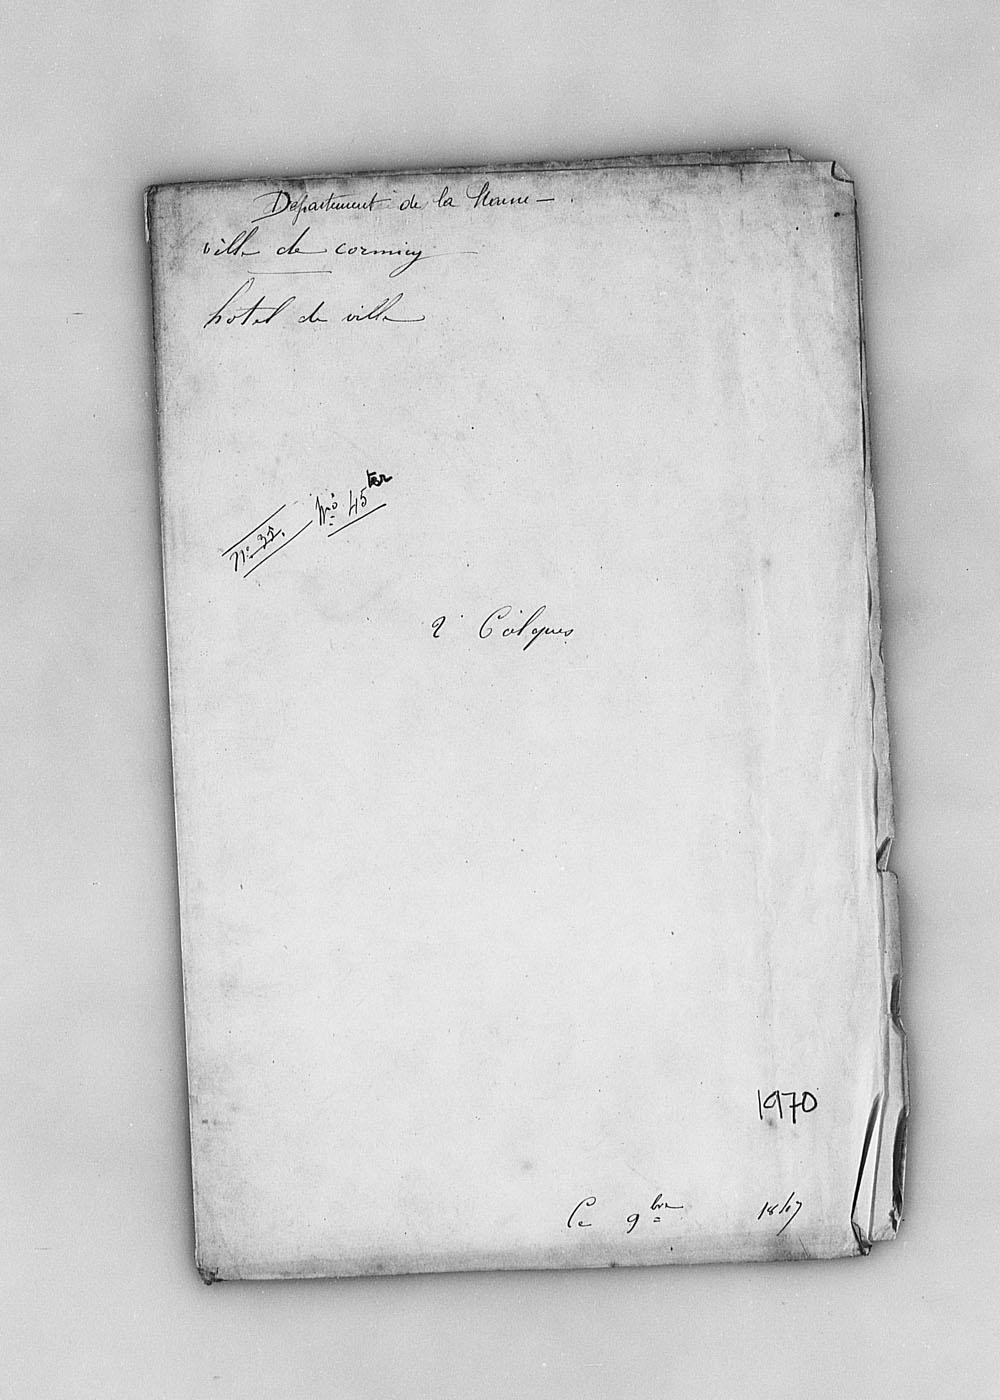 Plan de l'hotel de ville de Cormicy (1847) Dafanch07_f211890j1970v001-p